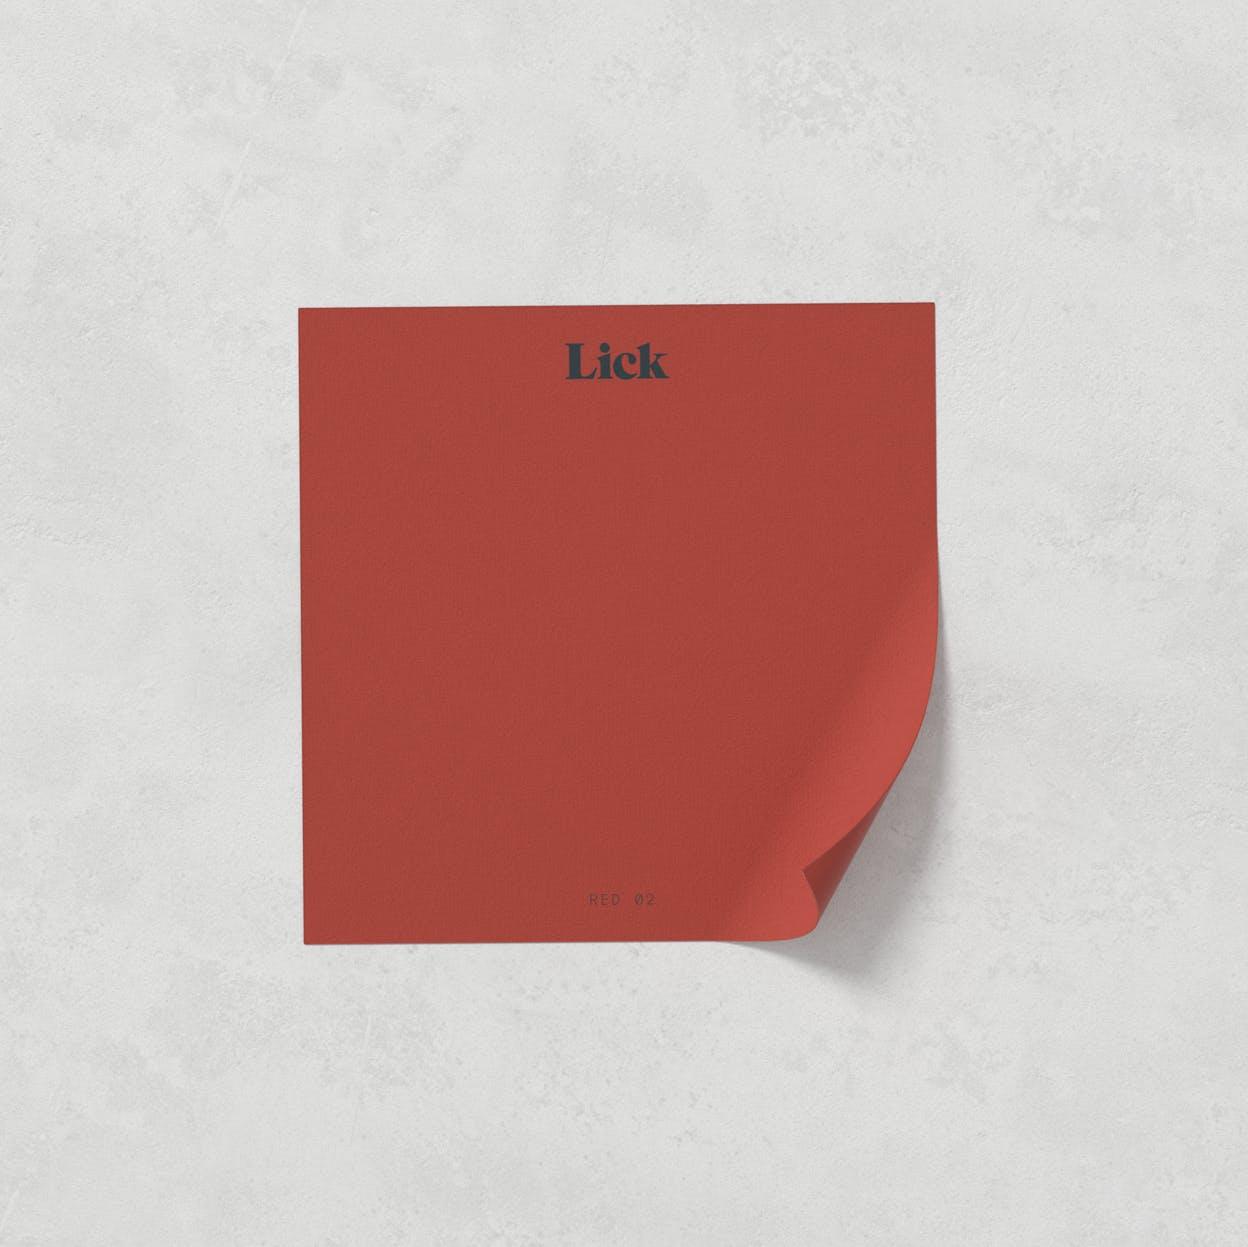 Lick Roller Blind Sample in Red 02